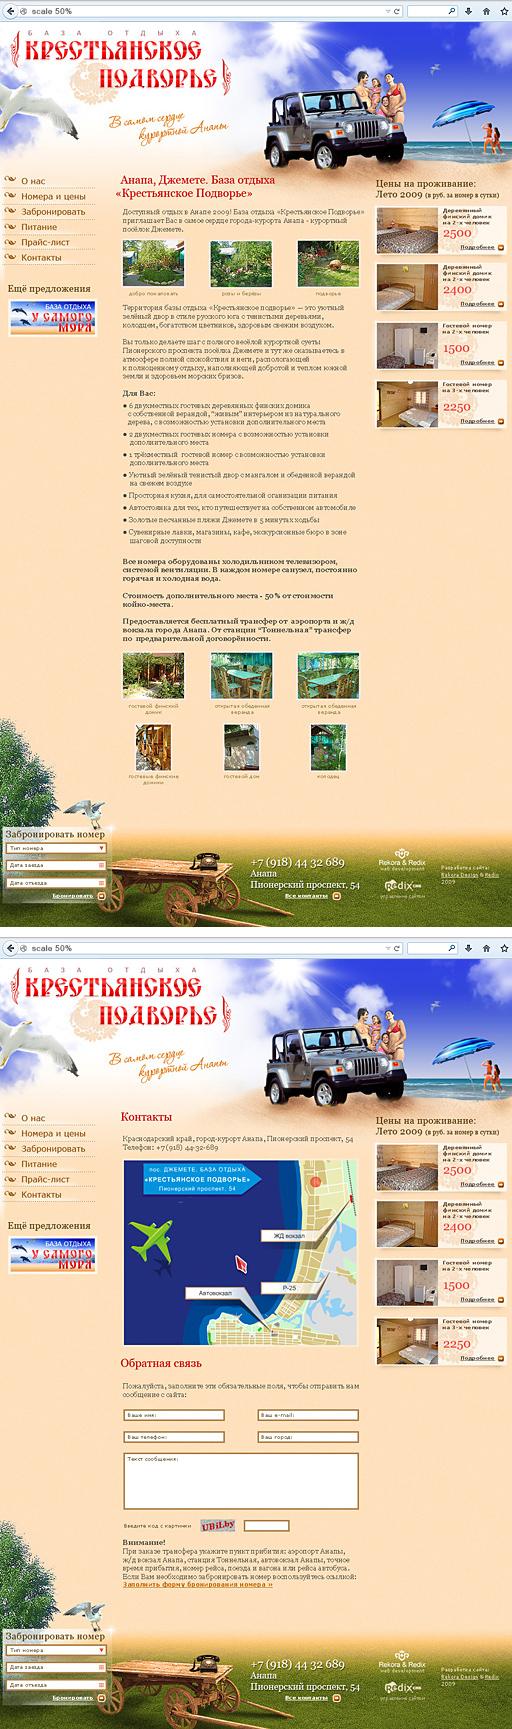 2009 - «Крестьянское Подворье» - база отдыха в Анапе, пос. Джемете